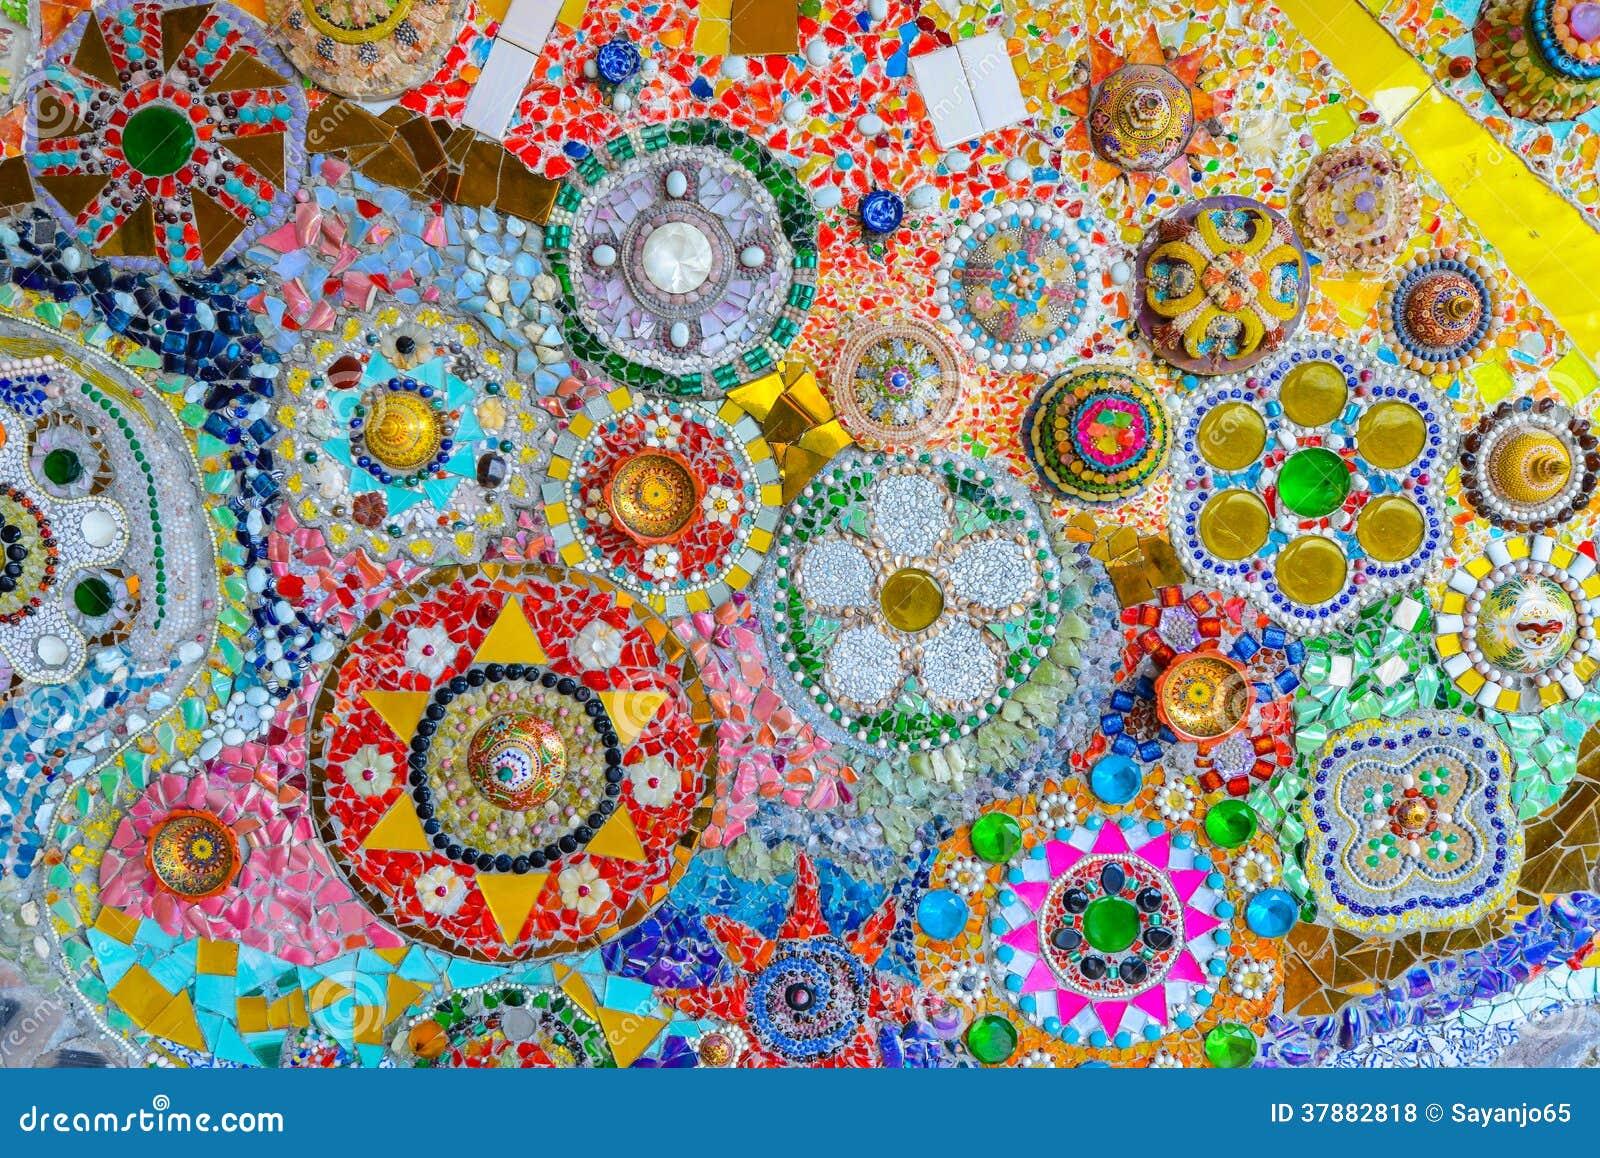 Arte colorido del mosaico y fondo abstracto de la pared.